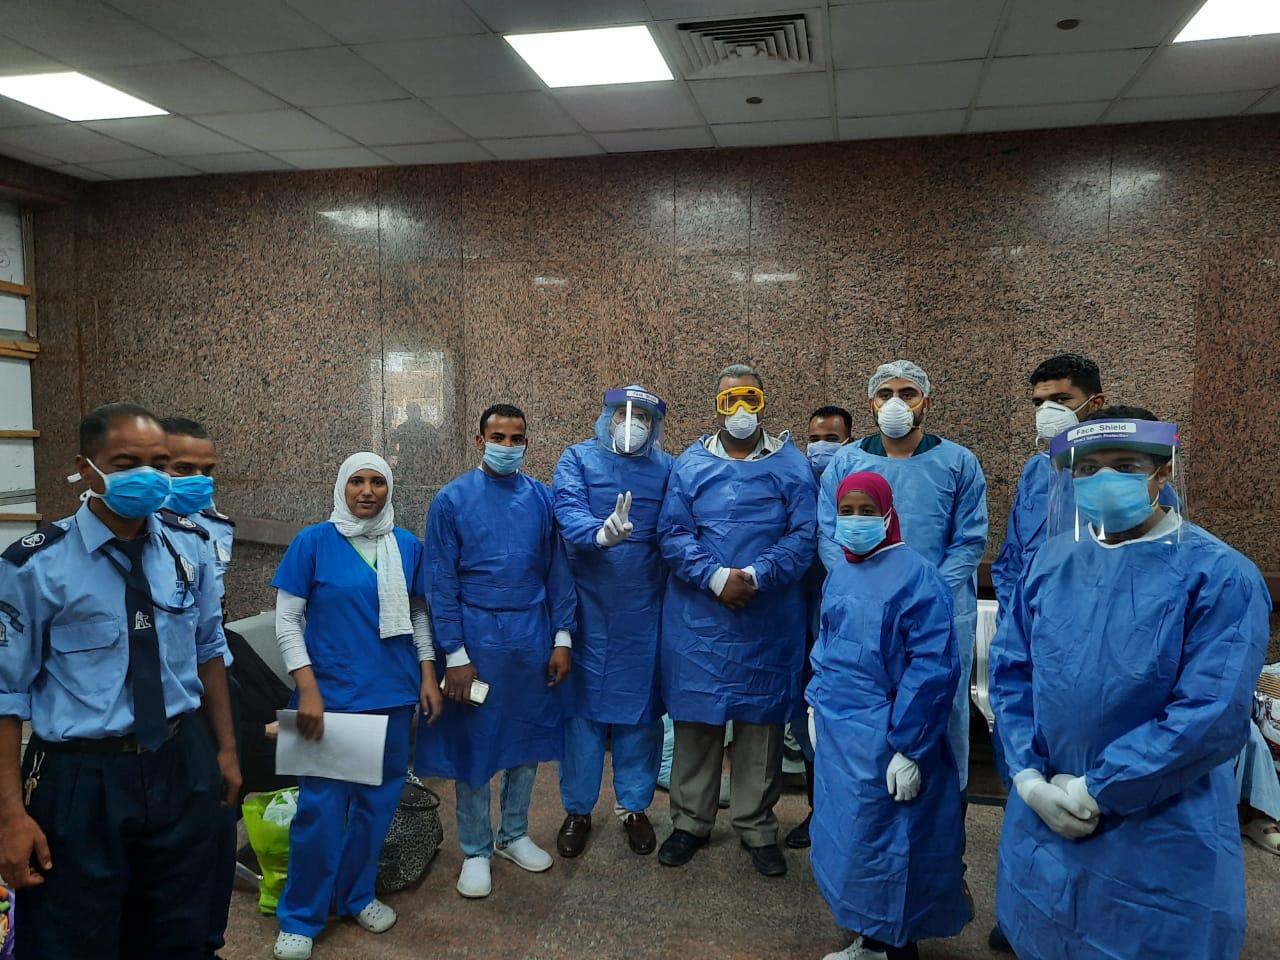 مستشفى الأقصر العام للعزل الصحى (3)